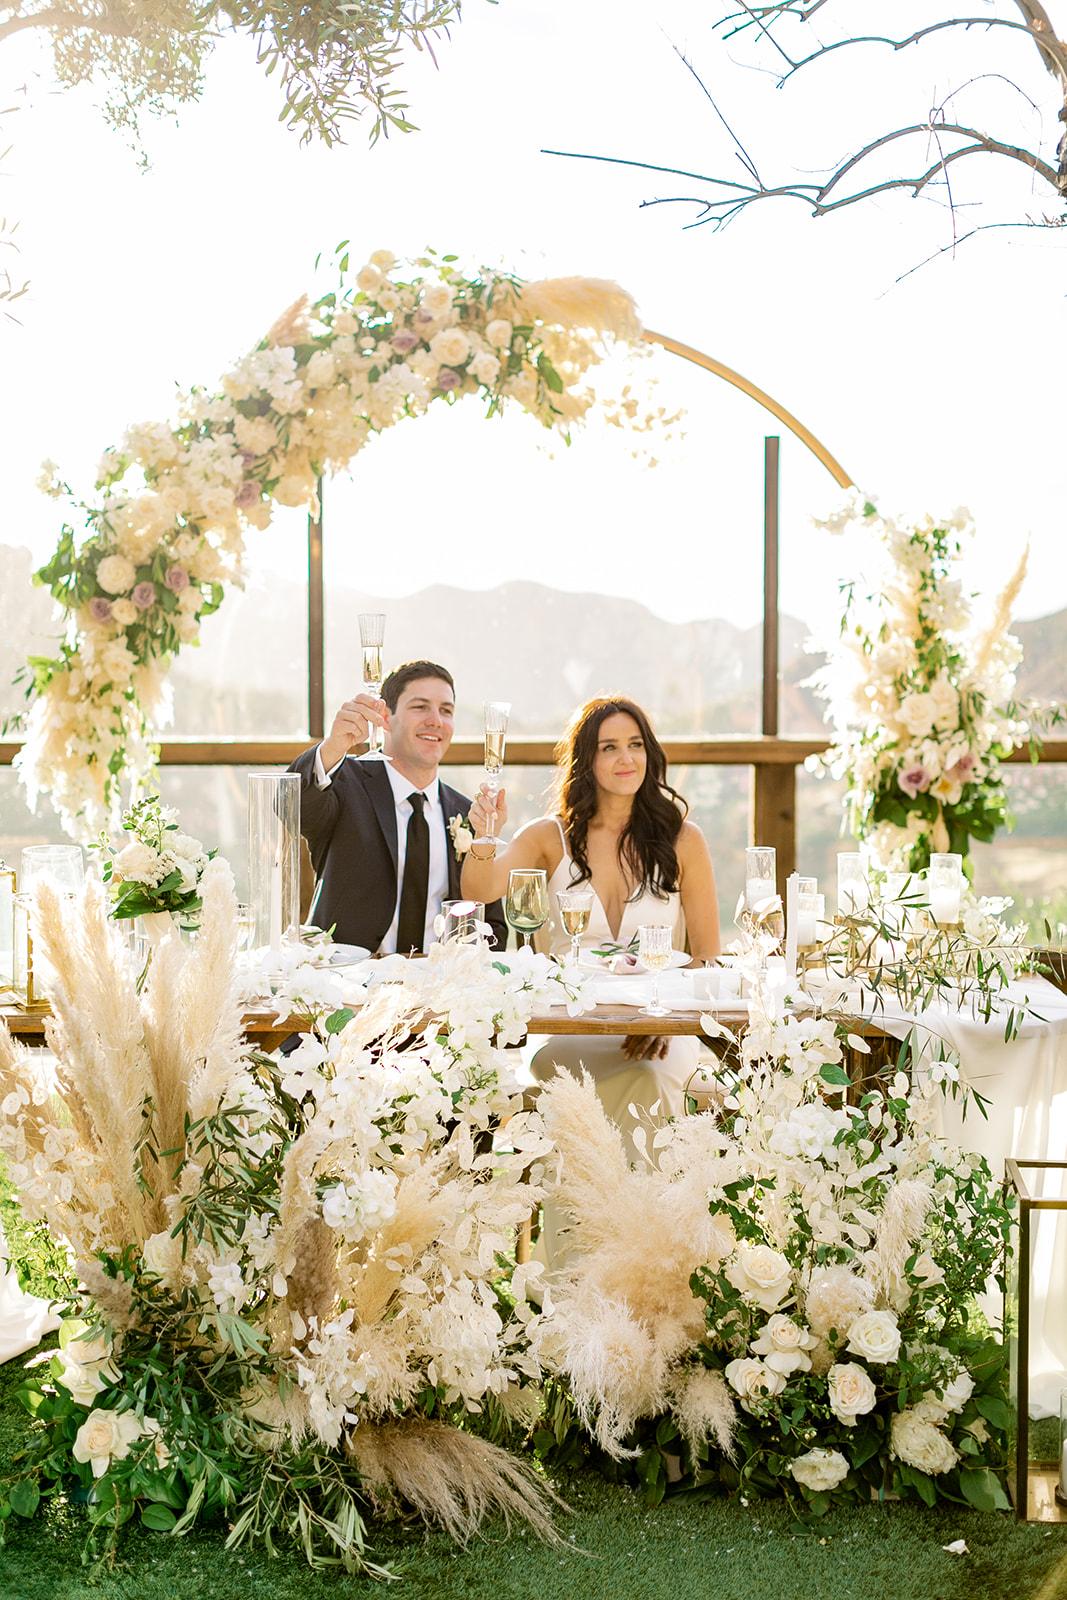 Ben & Emma's Wedding - Natalie Schutt Photography.jpg